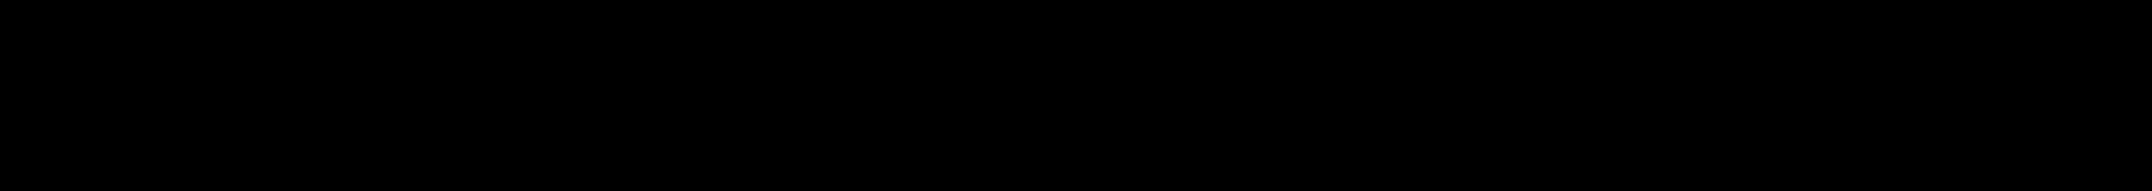 Sanchez Slab Bold Italic